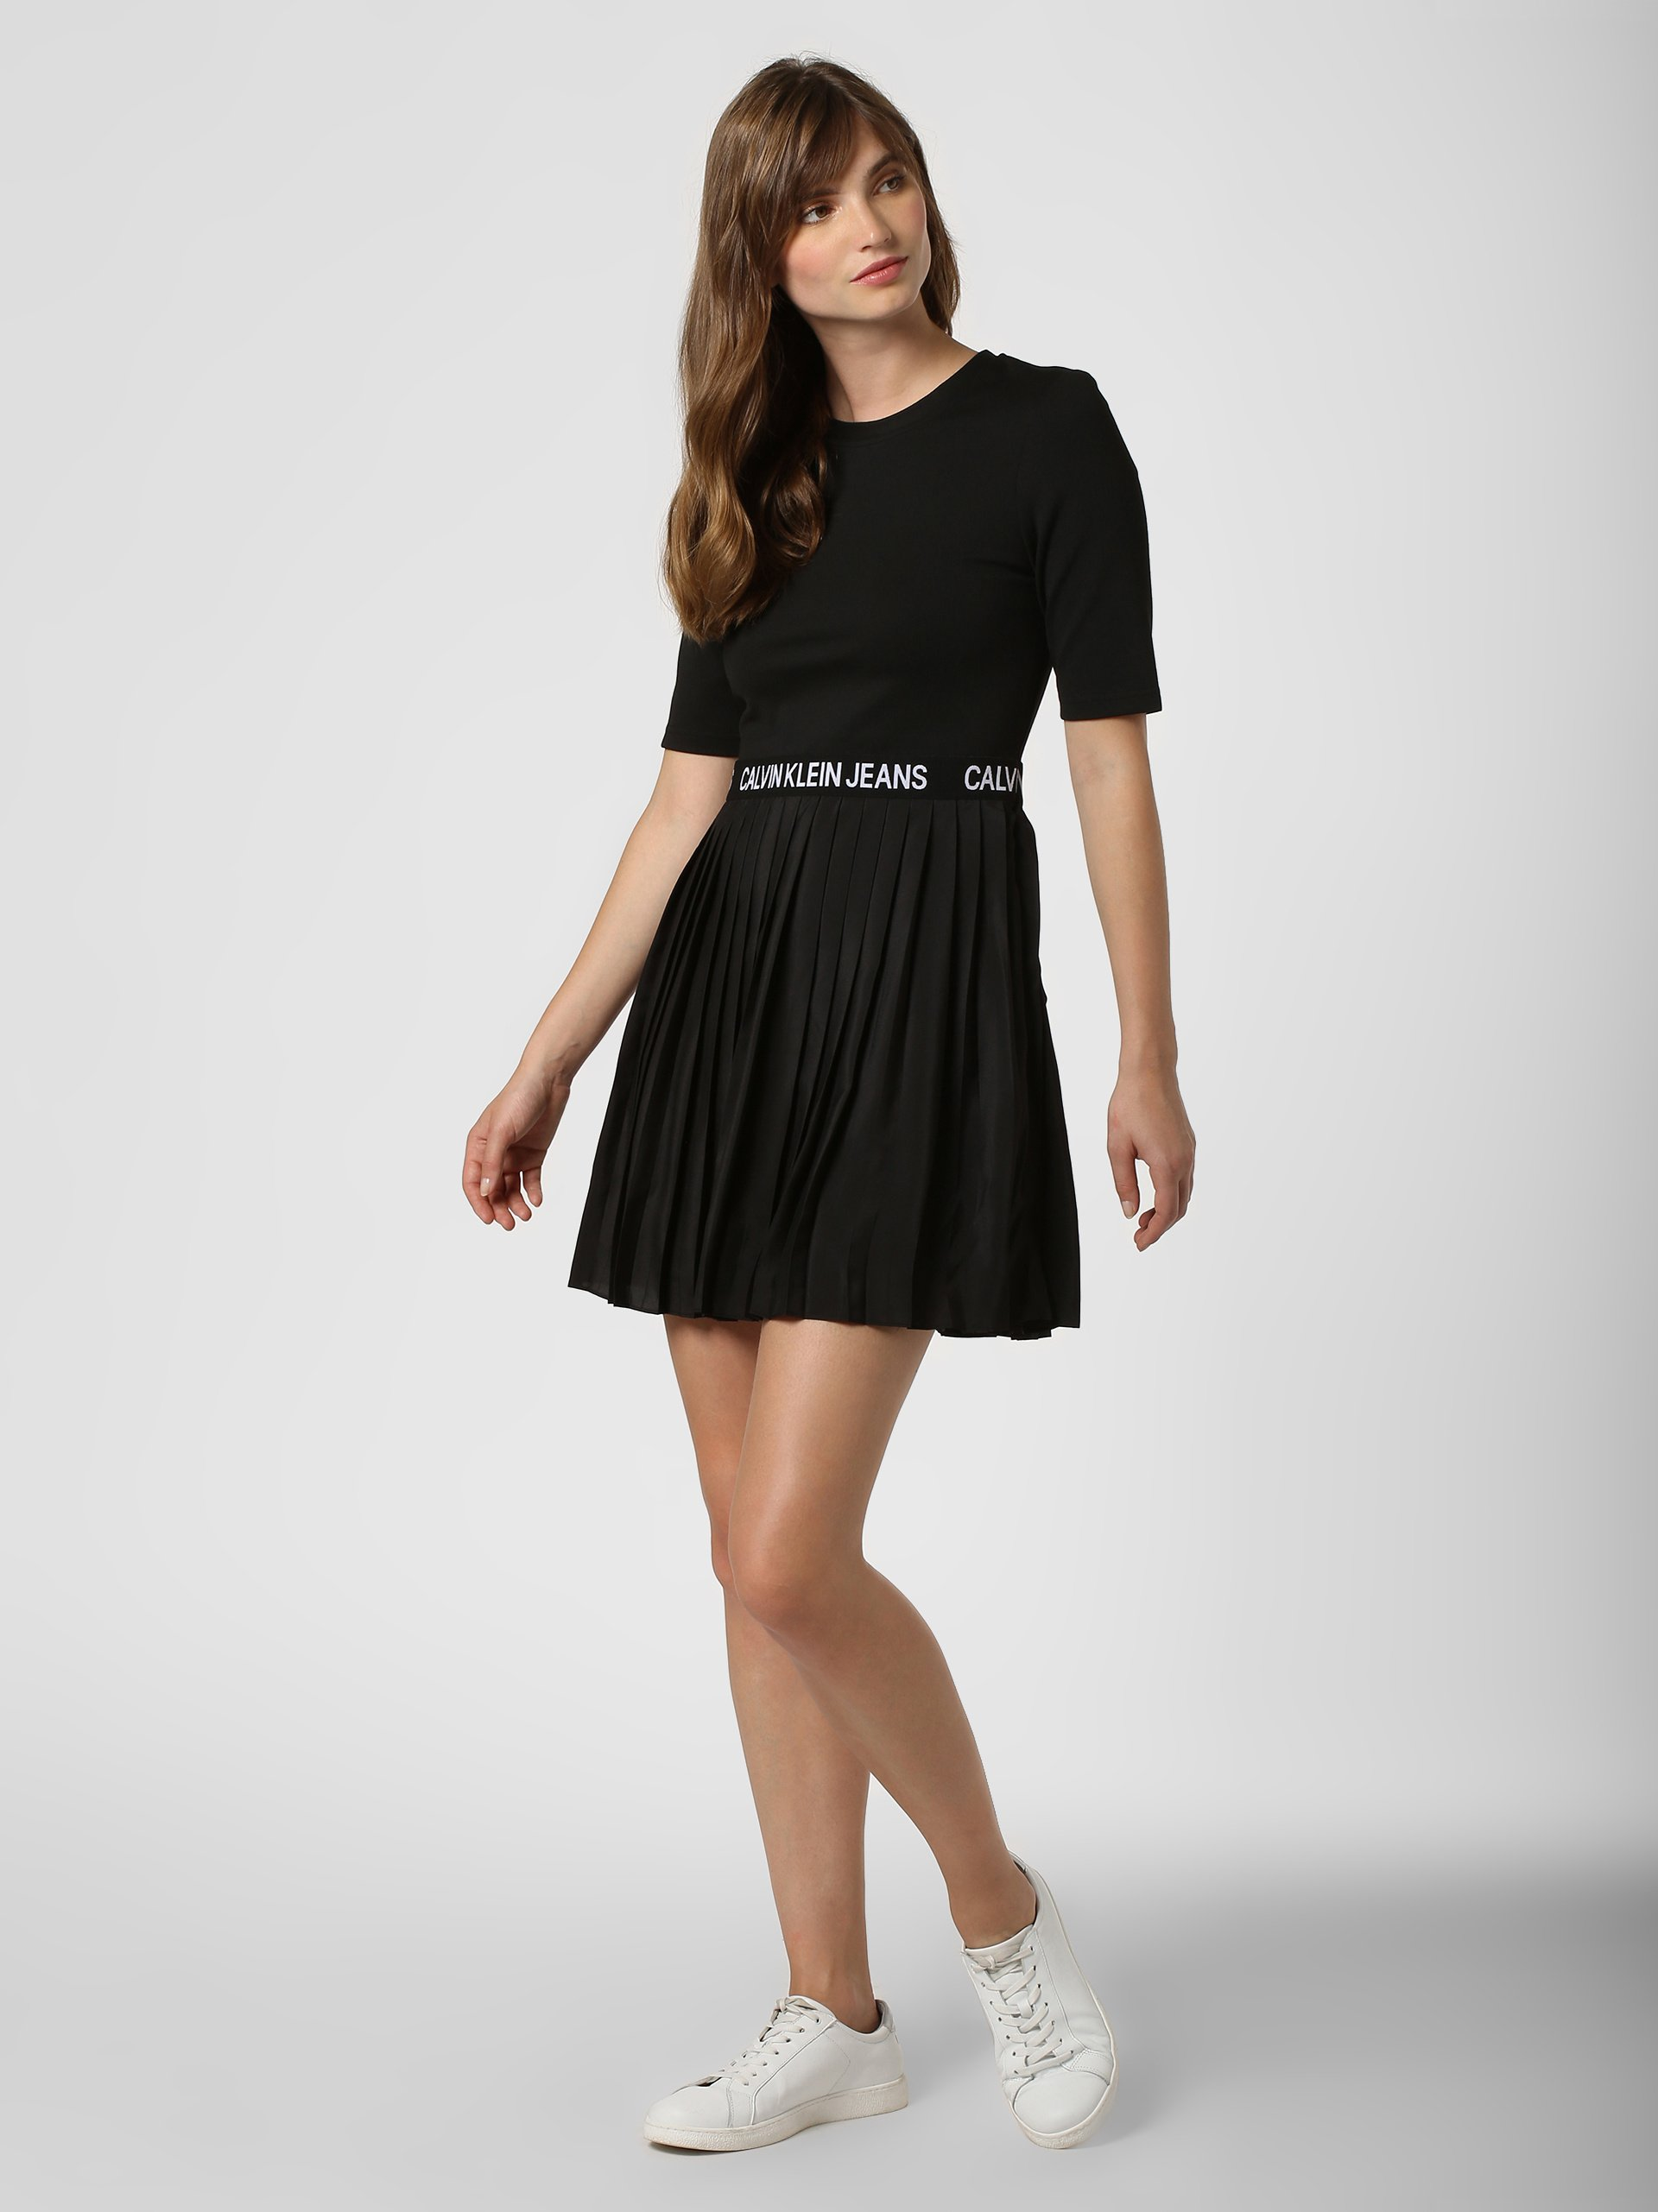 Calvin Klein Jeans Damen Kleid